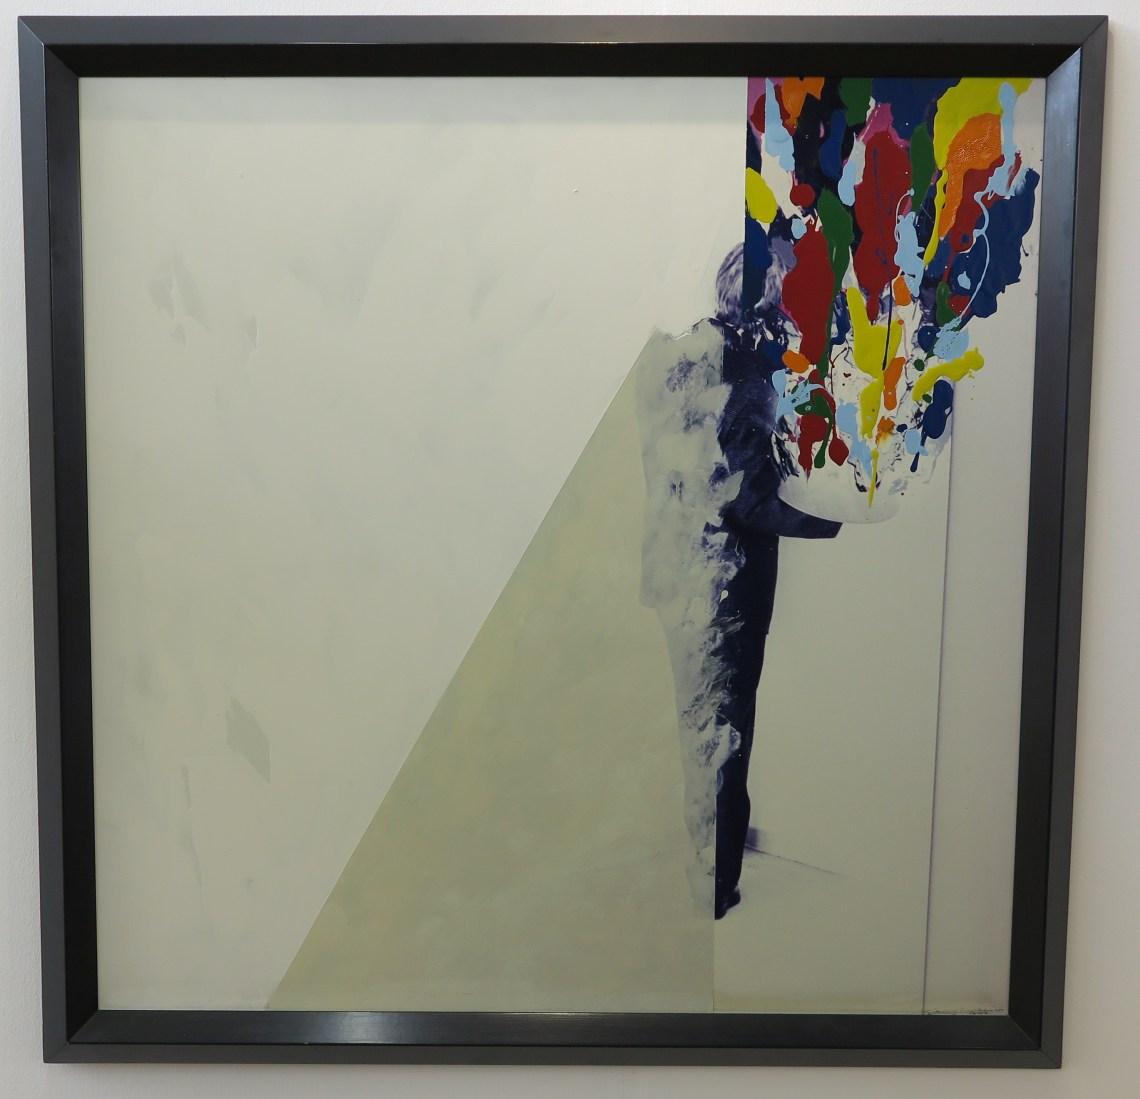 Galerie: Willem Baars. Kunstenaar: Ger van Elk (Main)